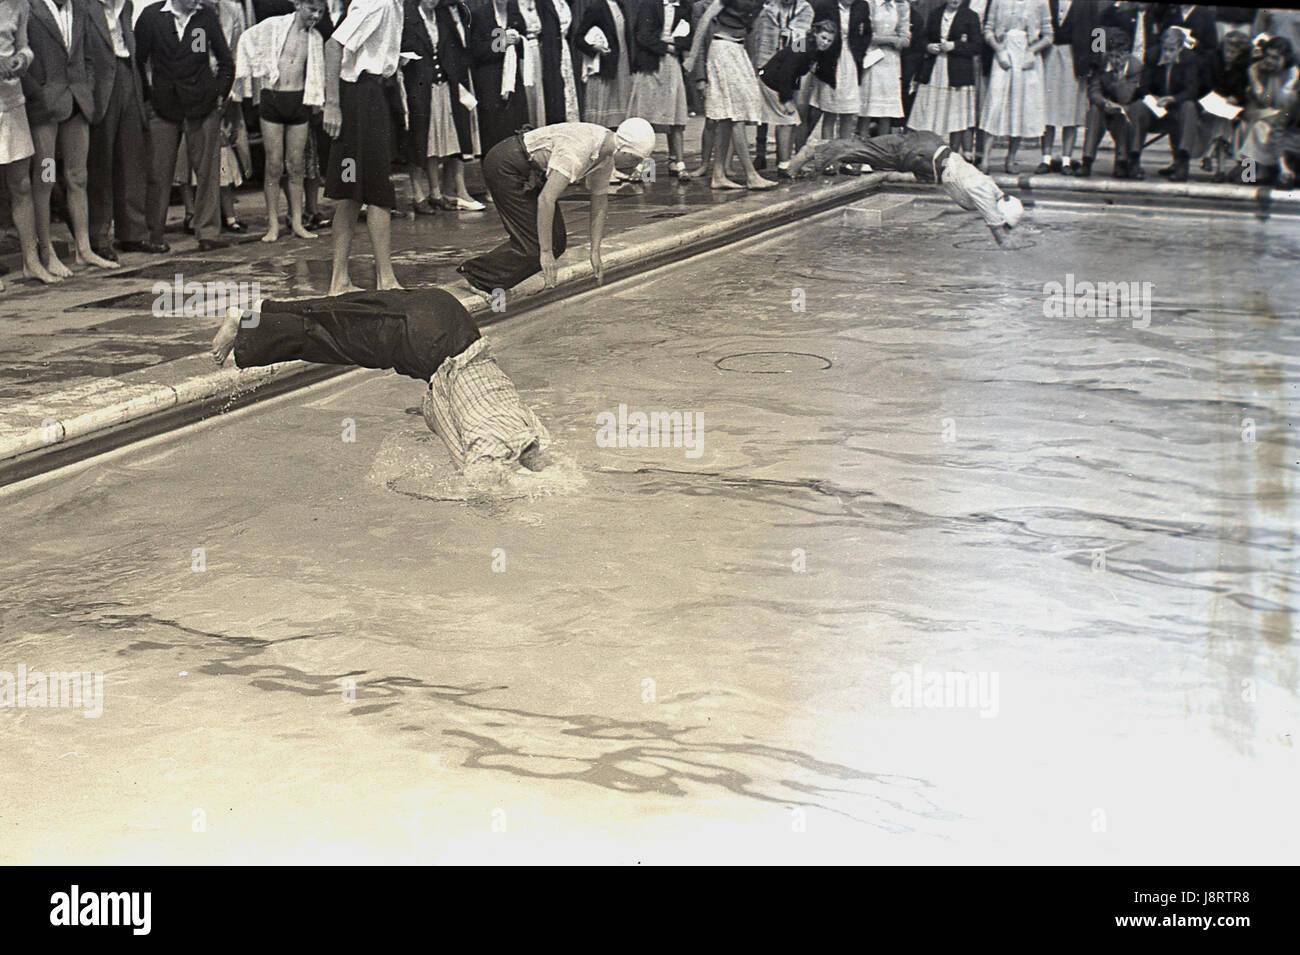 Bbw in piscina completamente vestito for Porno la piscina